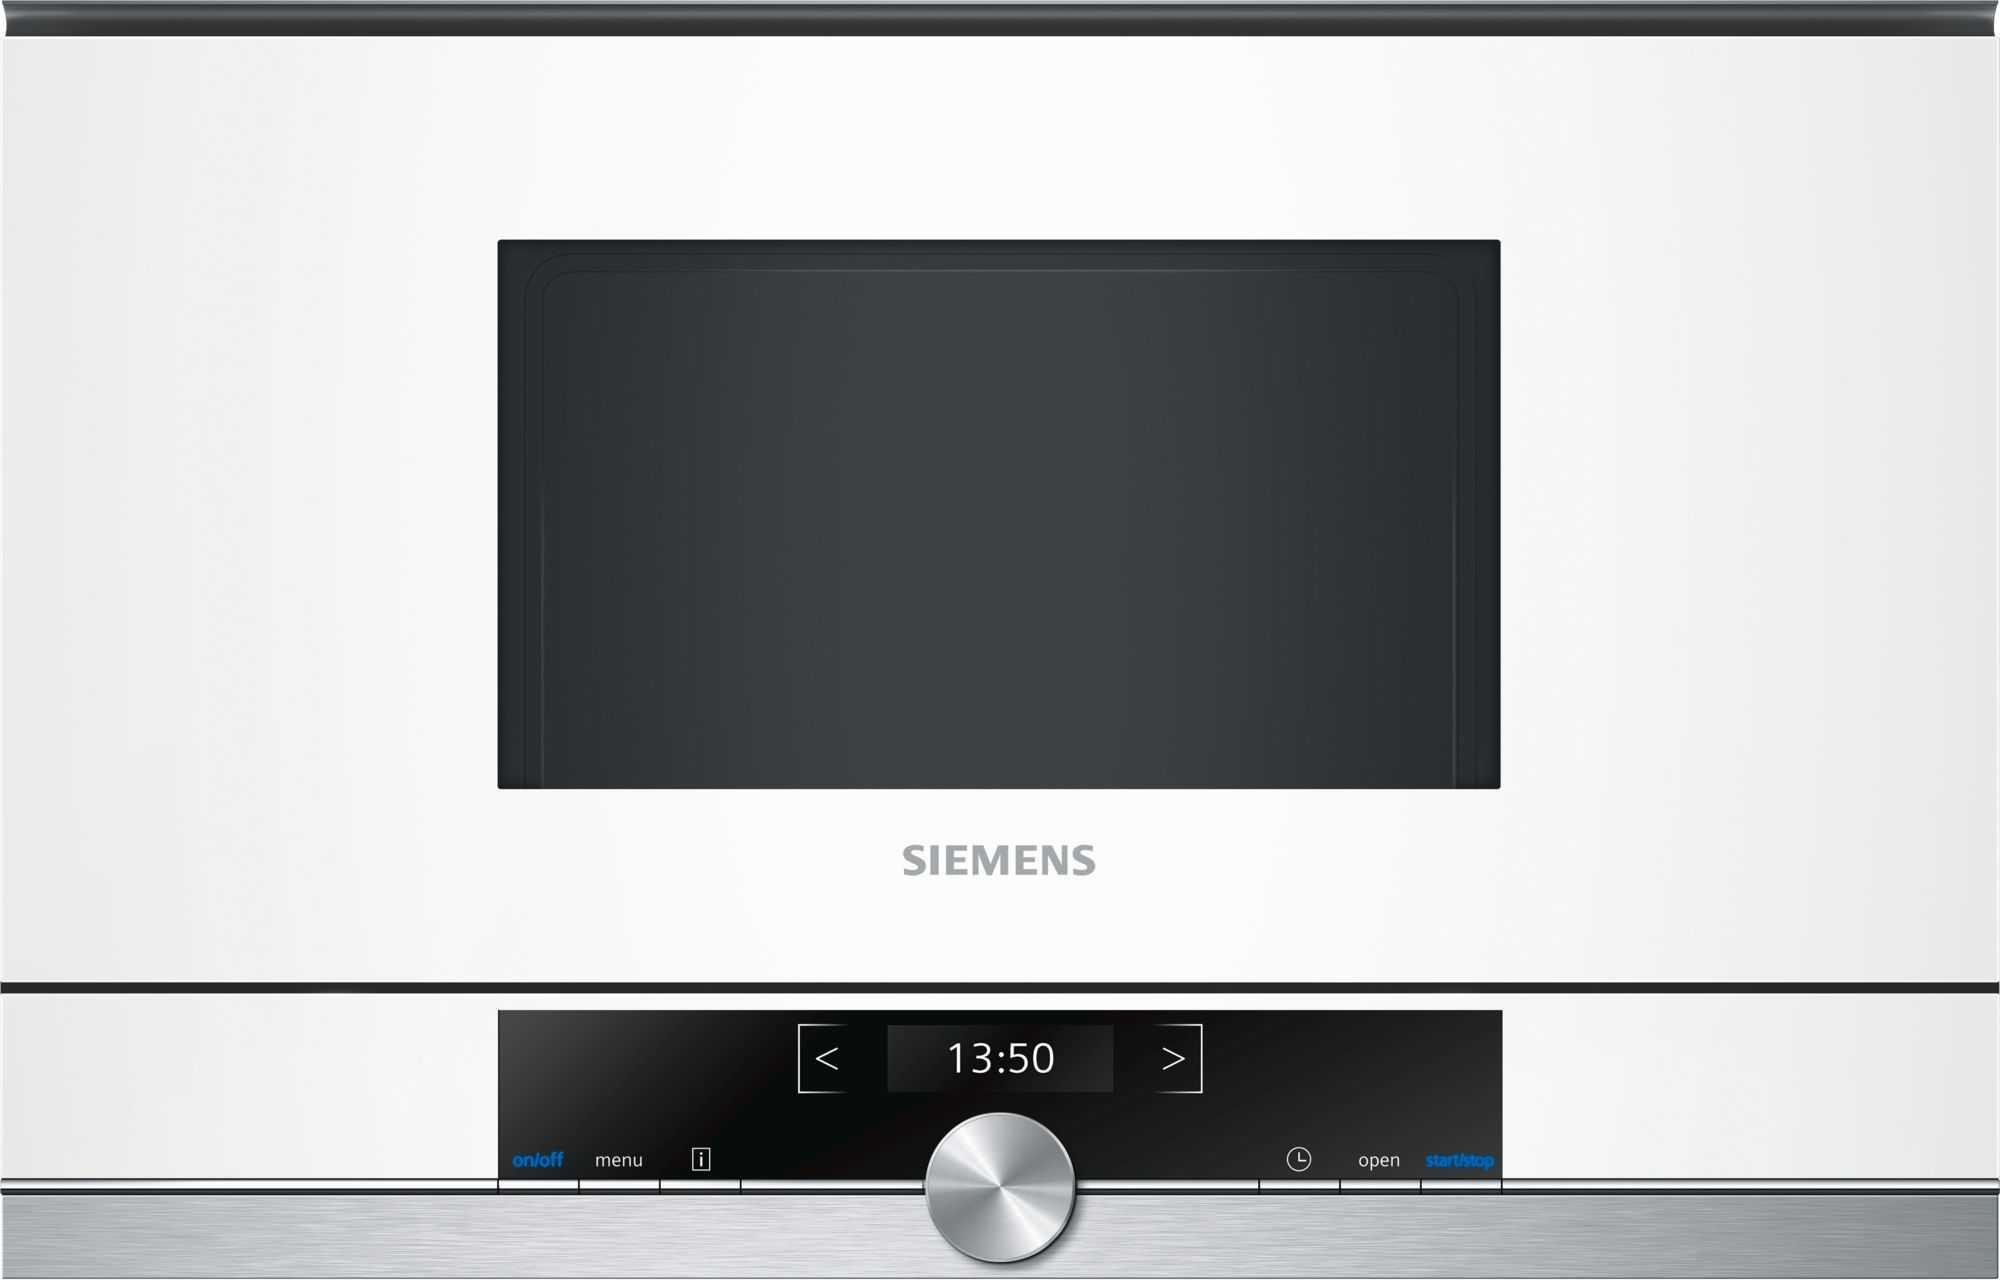 Siemens BF 634 LGW 1